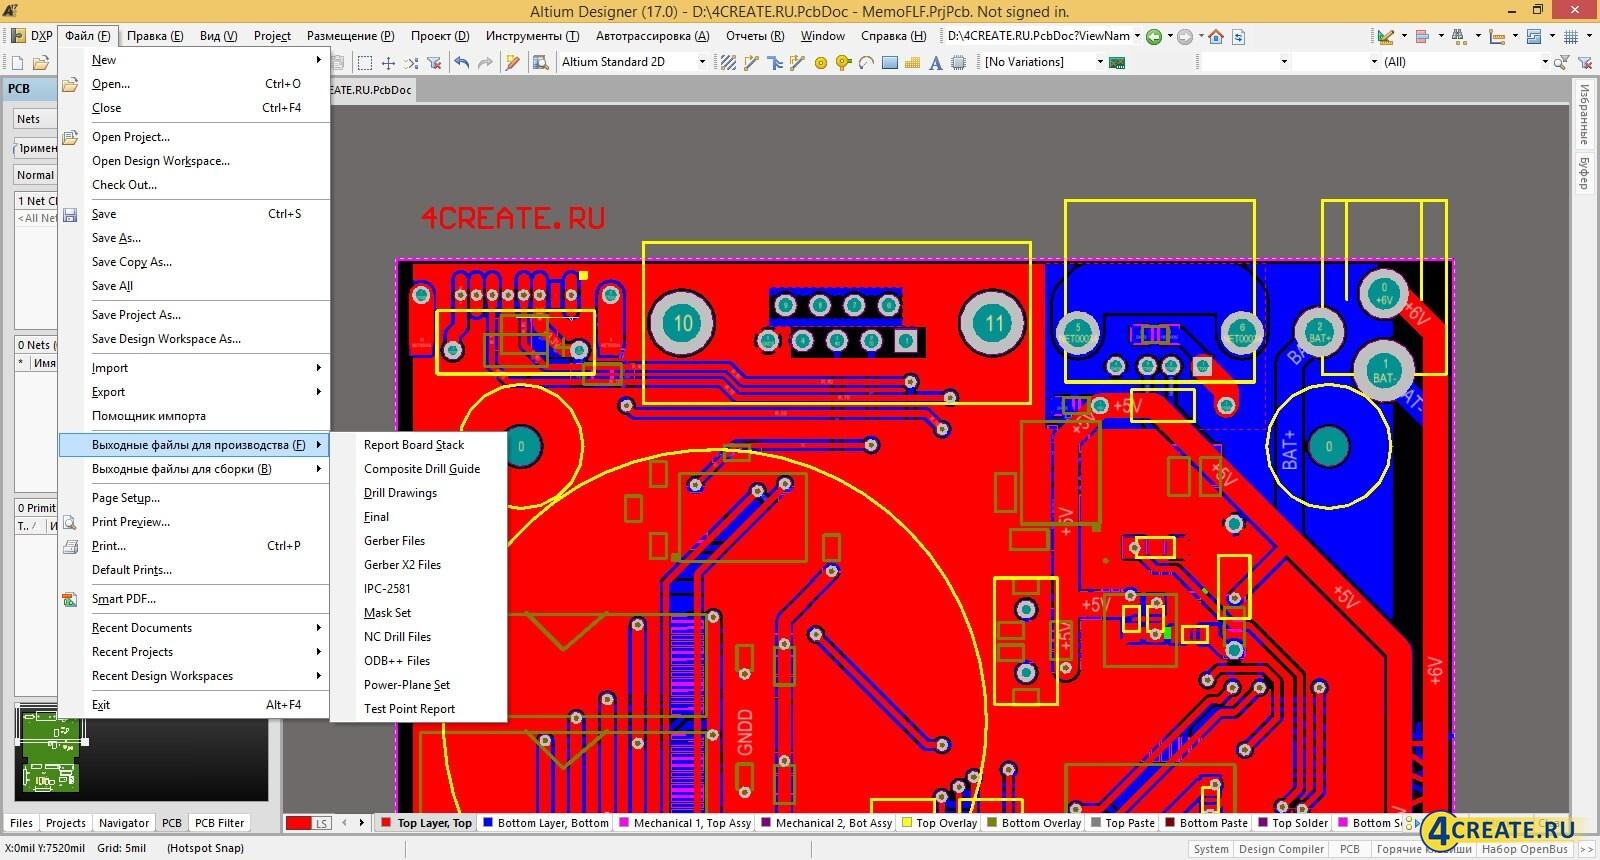 Altium Designer 17 (Скриншот 4)